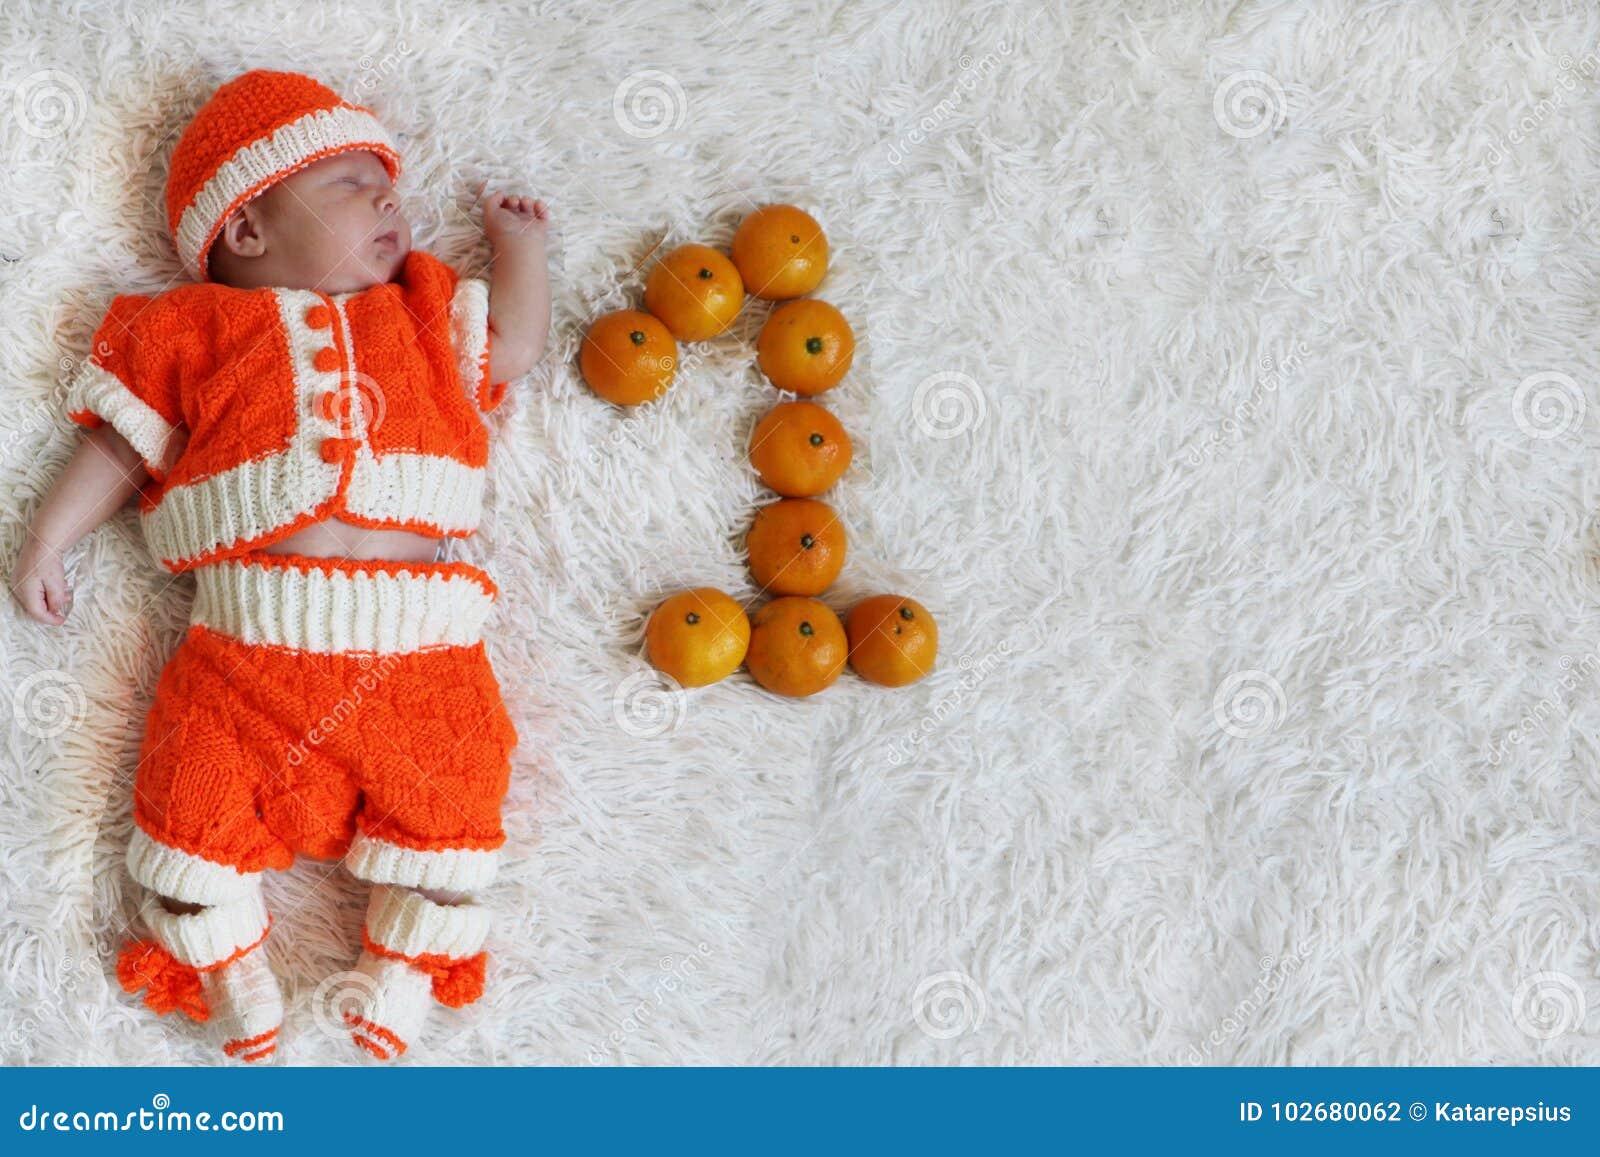 Één maandbaby Slaap pasgeboren baby één maand oud in sinaasappel